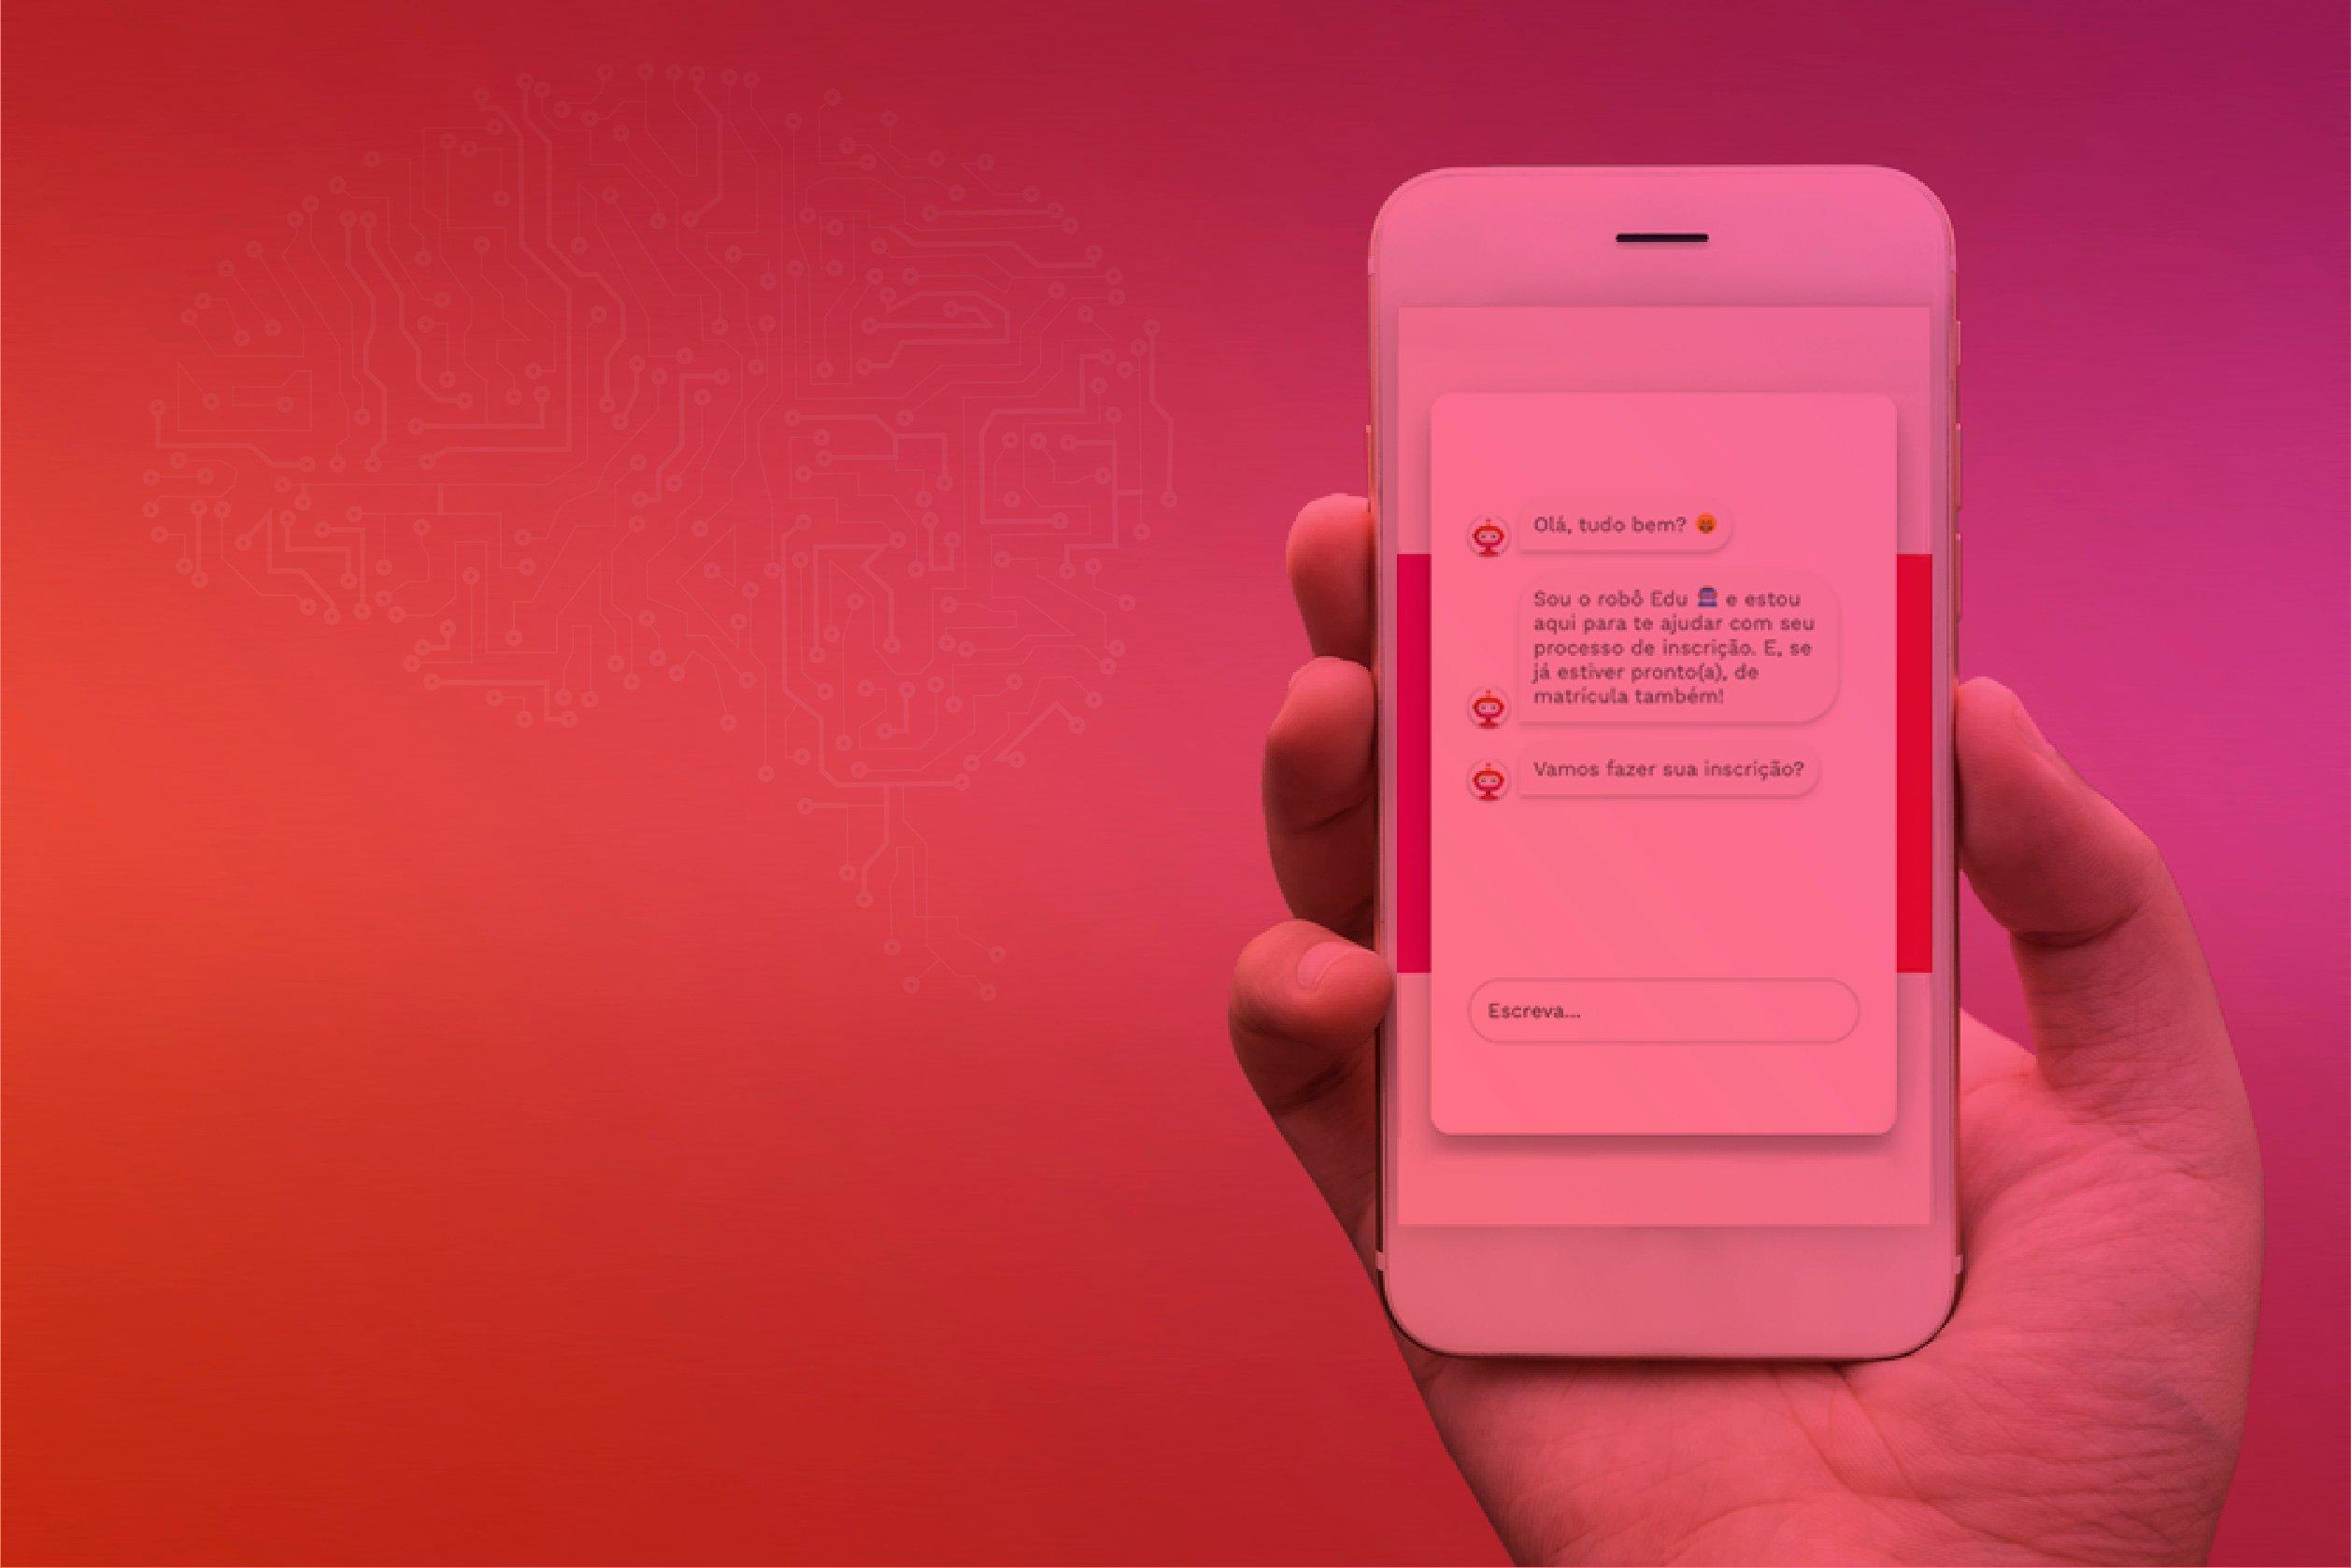 Conversational Design para interação com chatbots em um smartphone